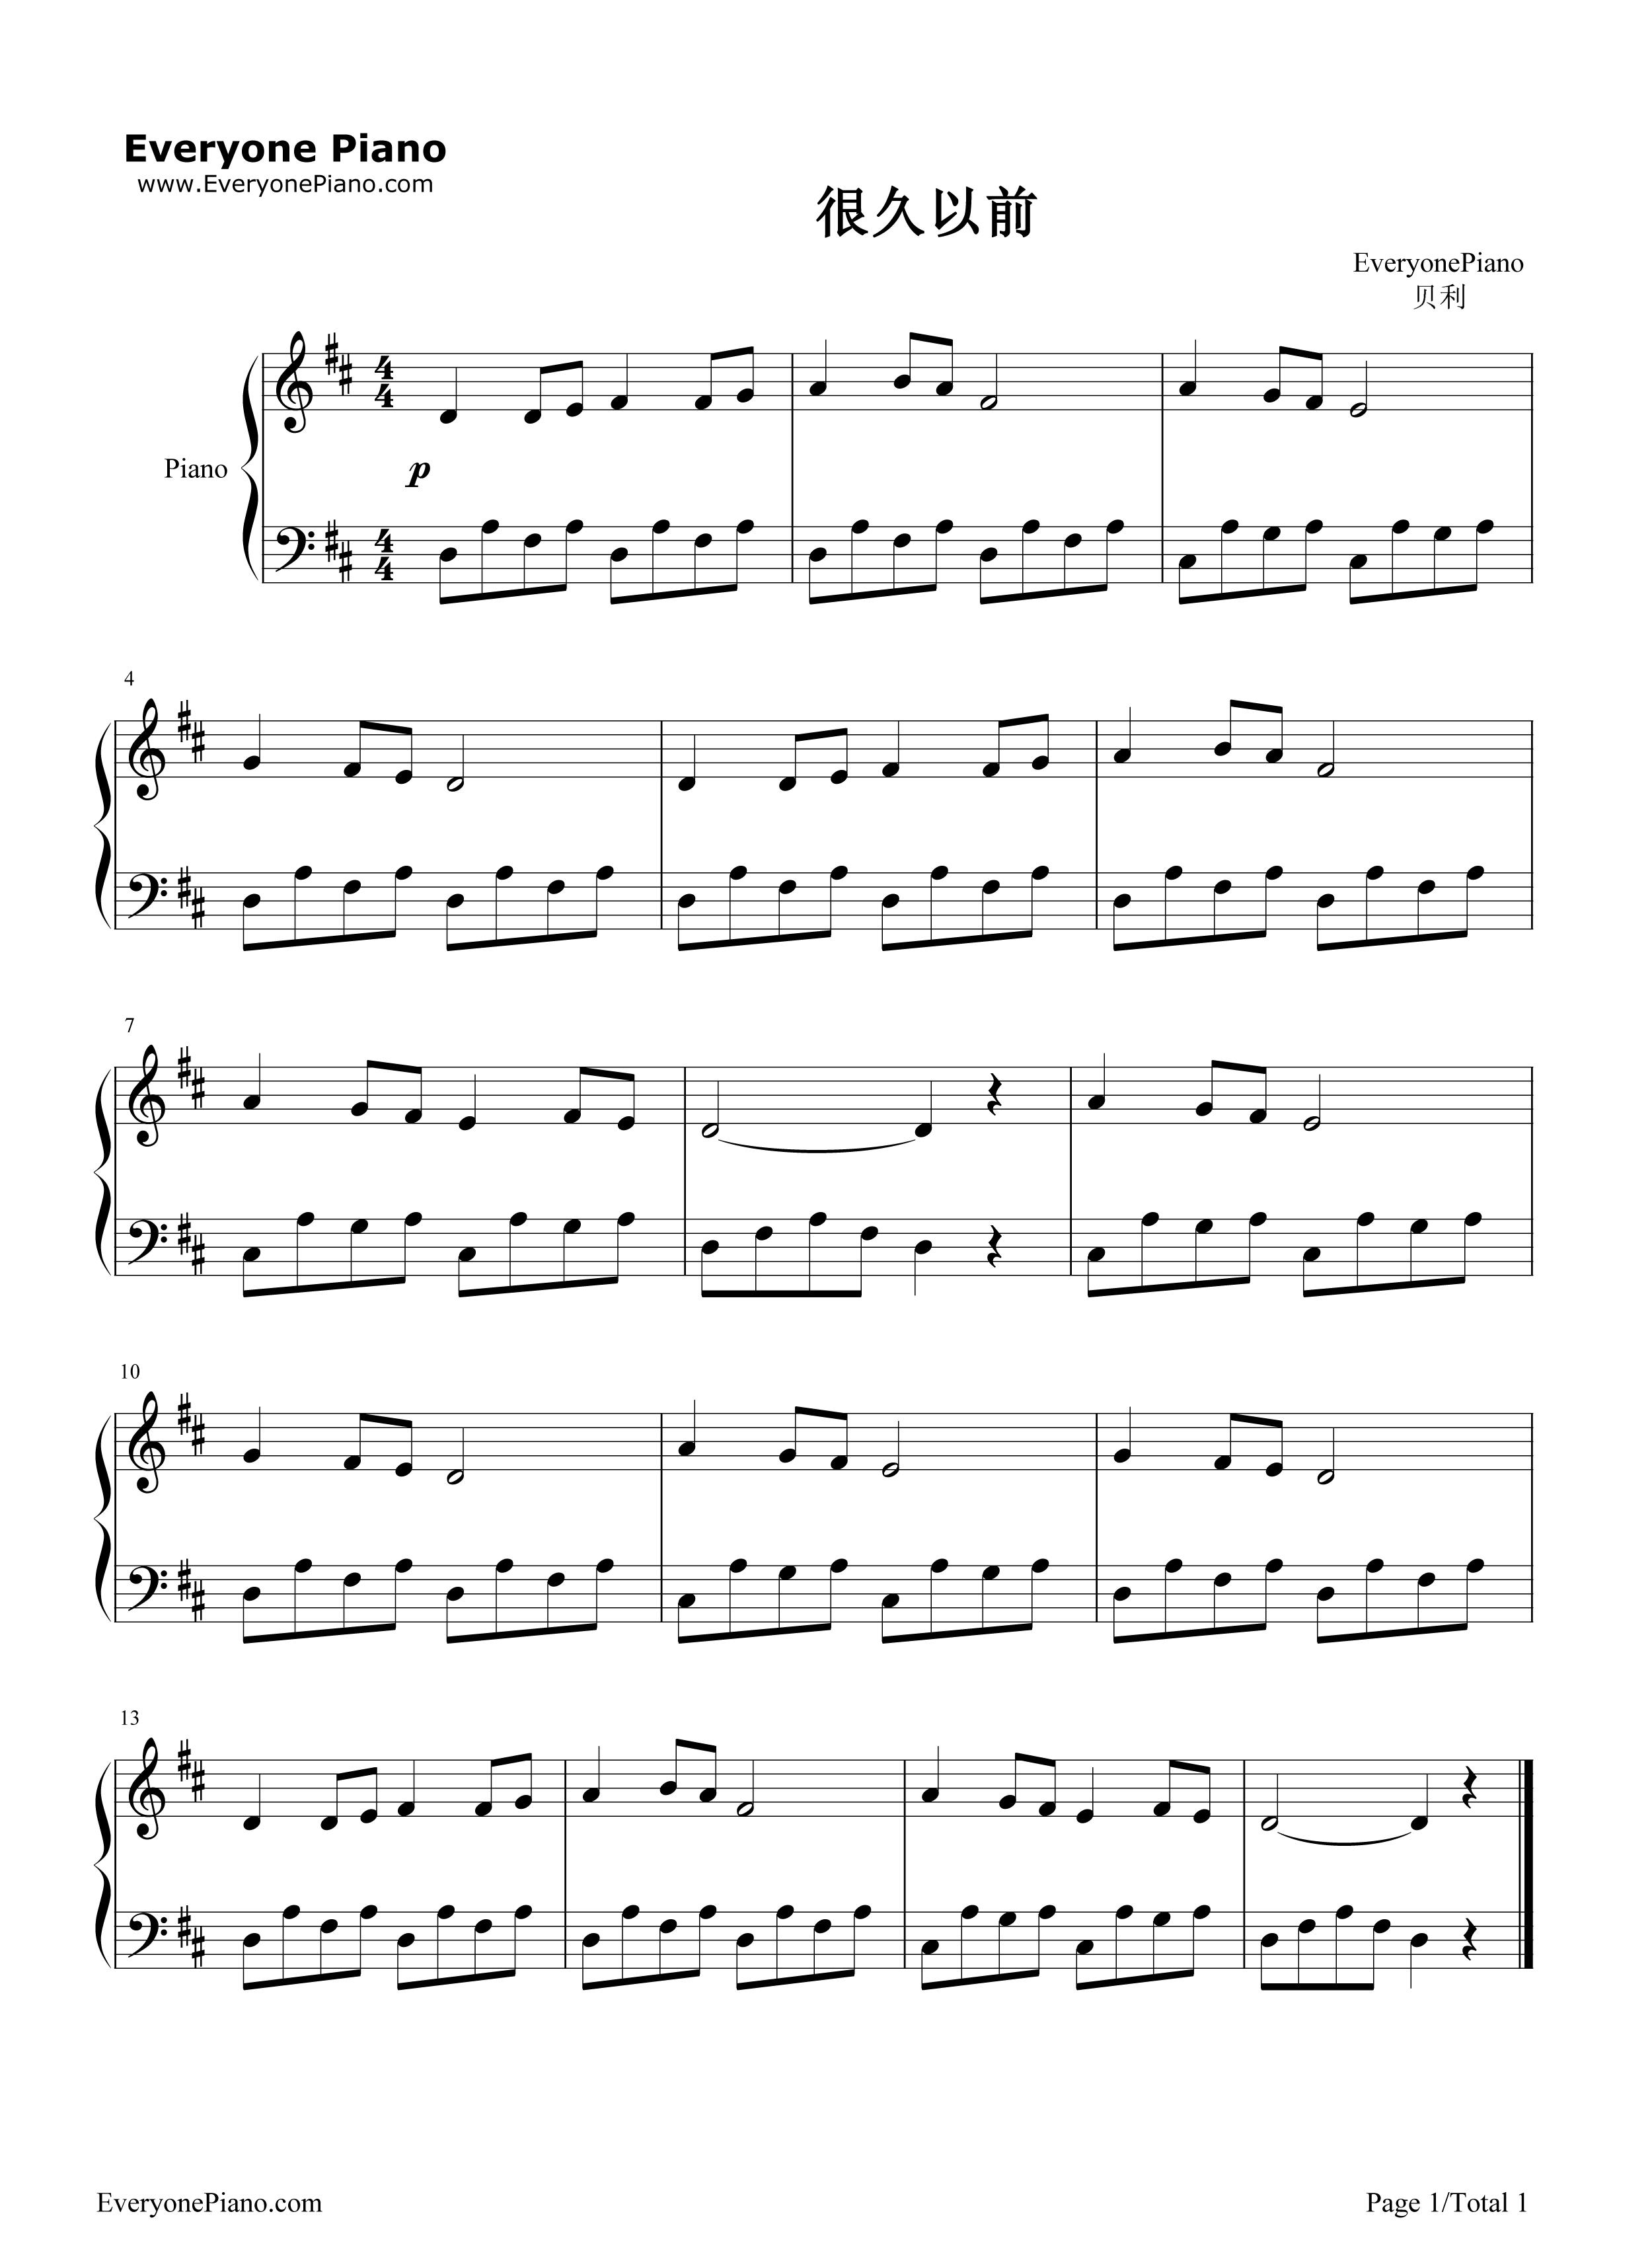 代钢琴教程1 大汤1 44五线谱预览 EOP在线乐谱架